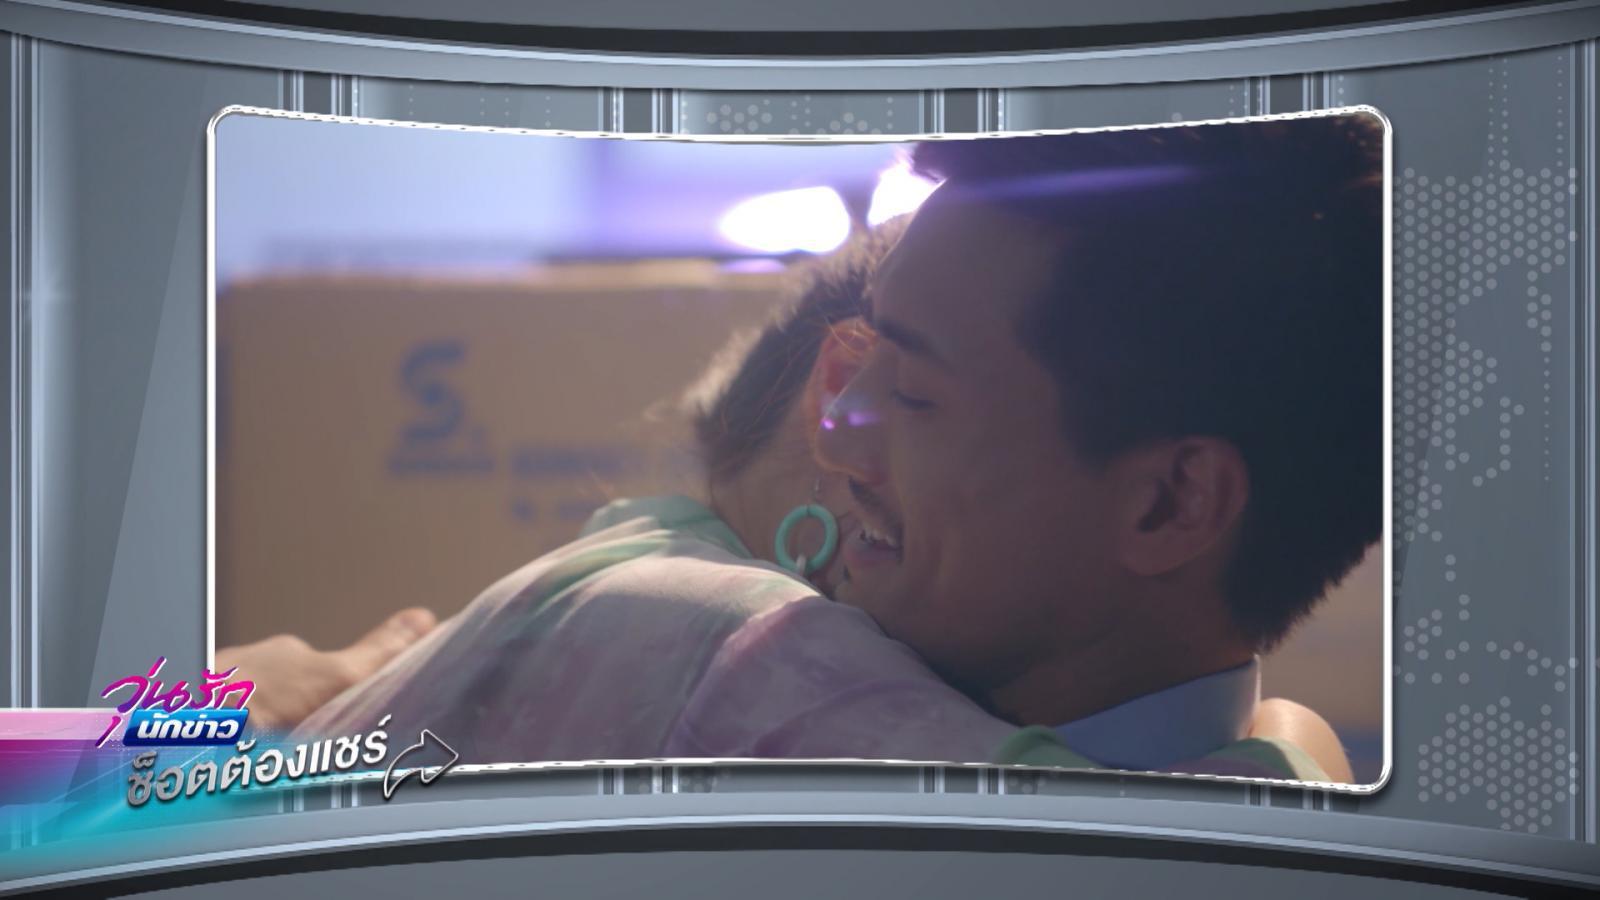 วุ่นรักนักข่าว EP.7 | ฟินสุด | ช็อตต้องแชร์ | PPTV HD 36